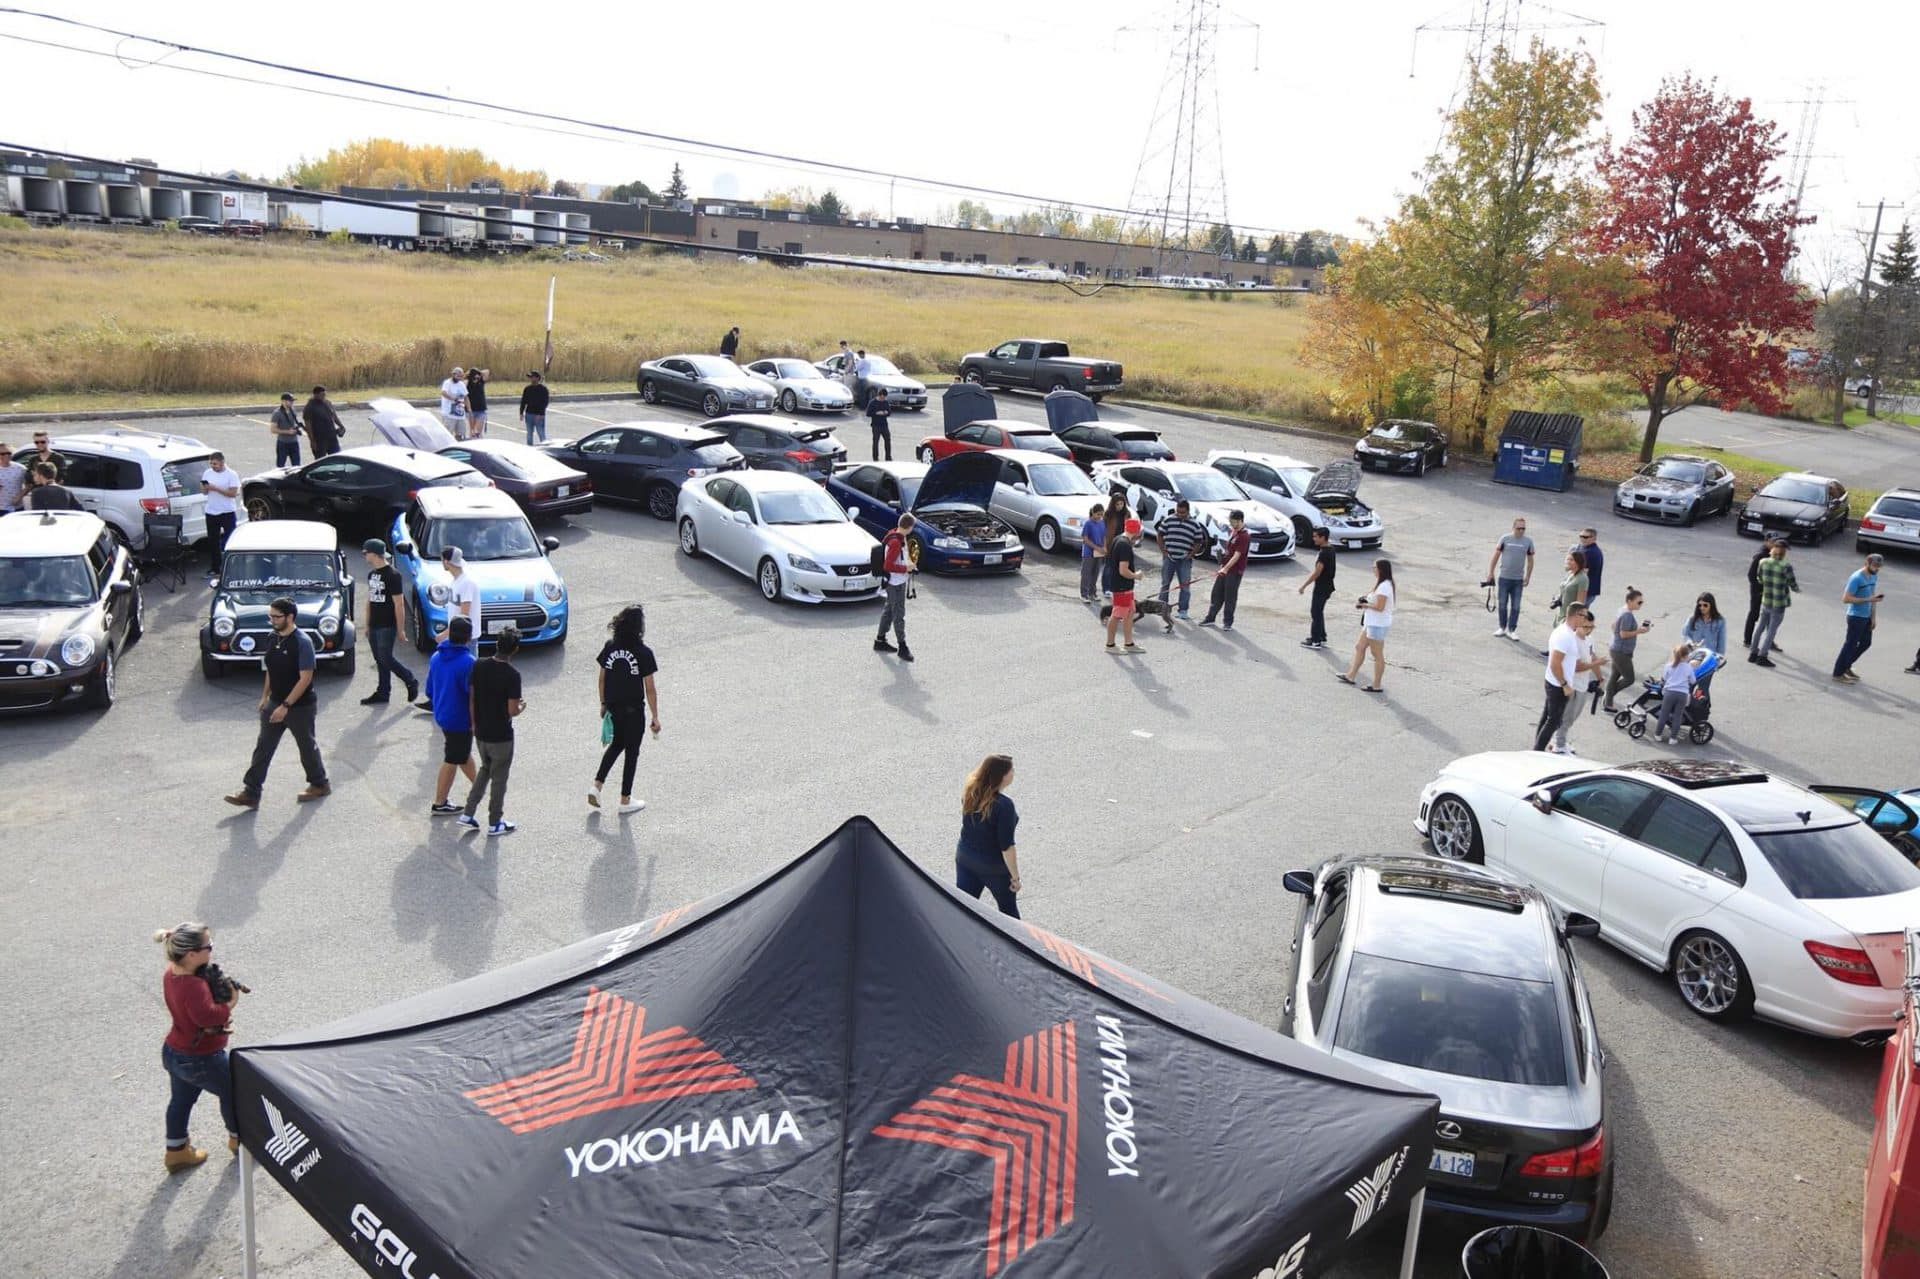 ottawa-cars modified-cars-ottawa ottawa-car-meet ottawa-car-show 2017-car-show